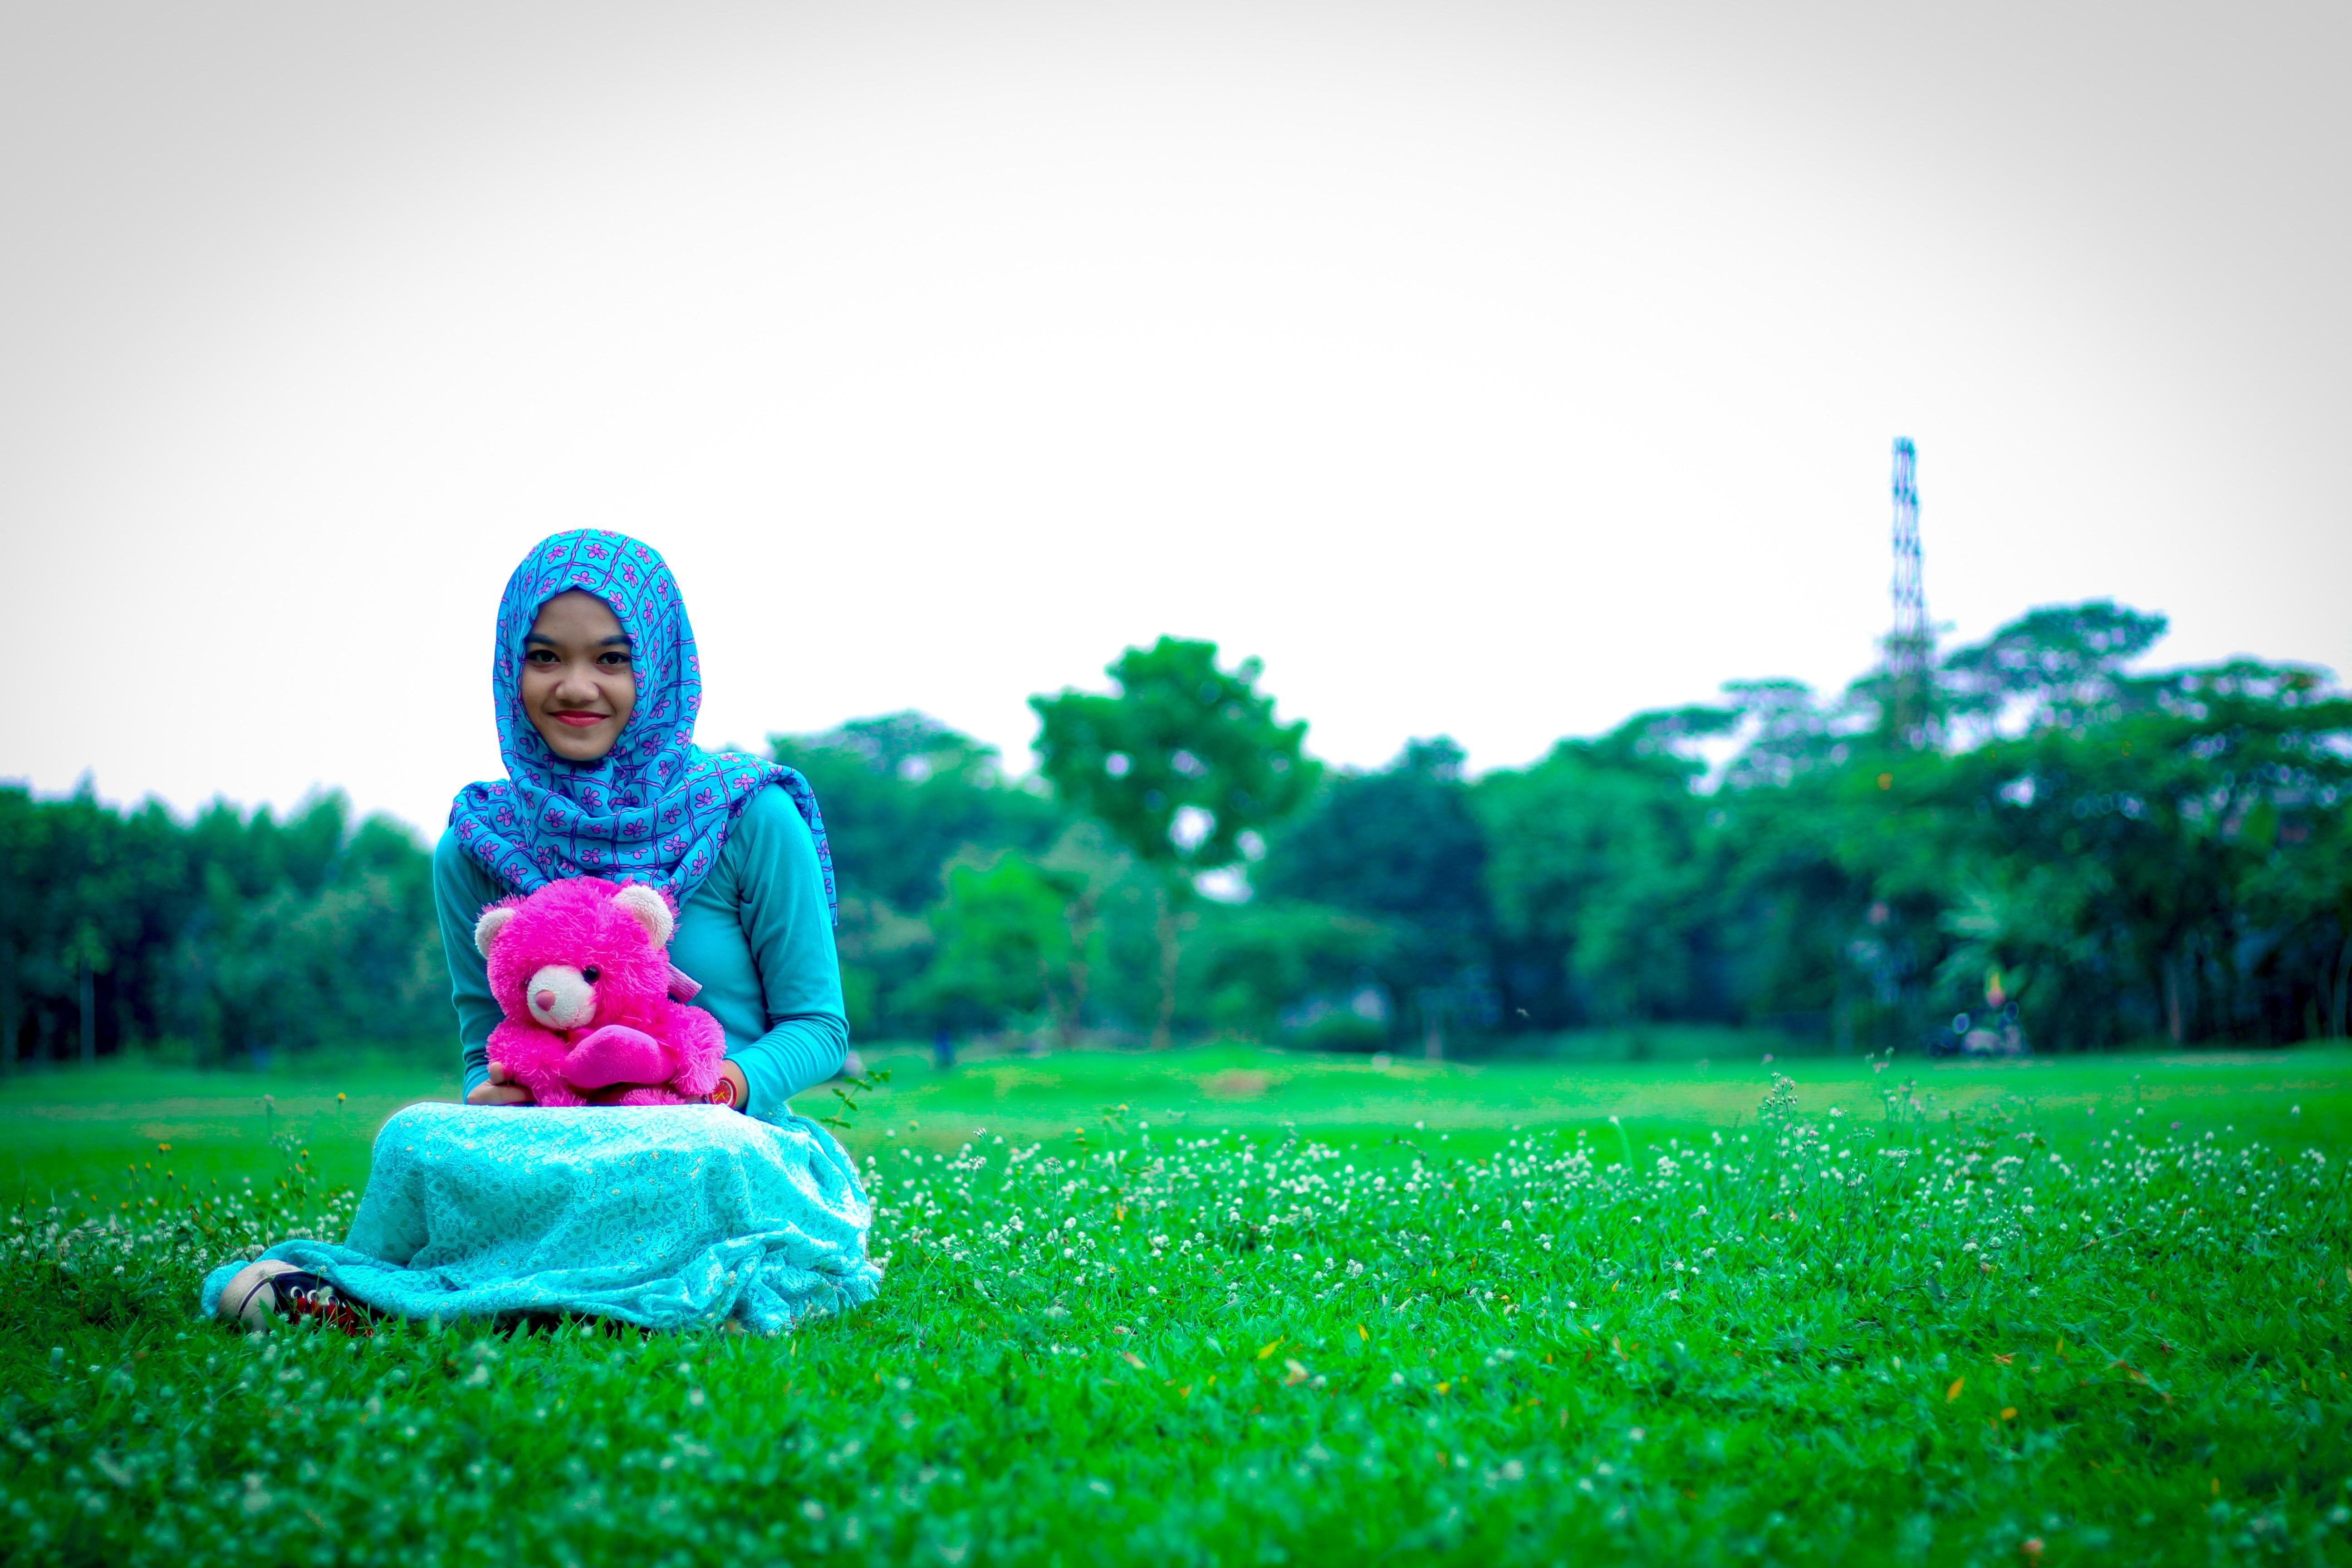 Gambar Halaman Rumput Fotografi Padang Rumput Bunga Duduk